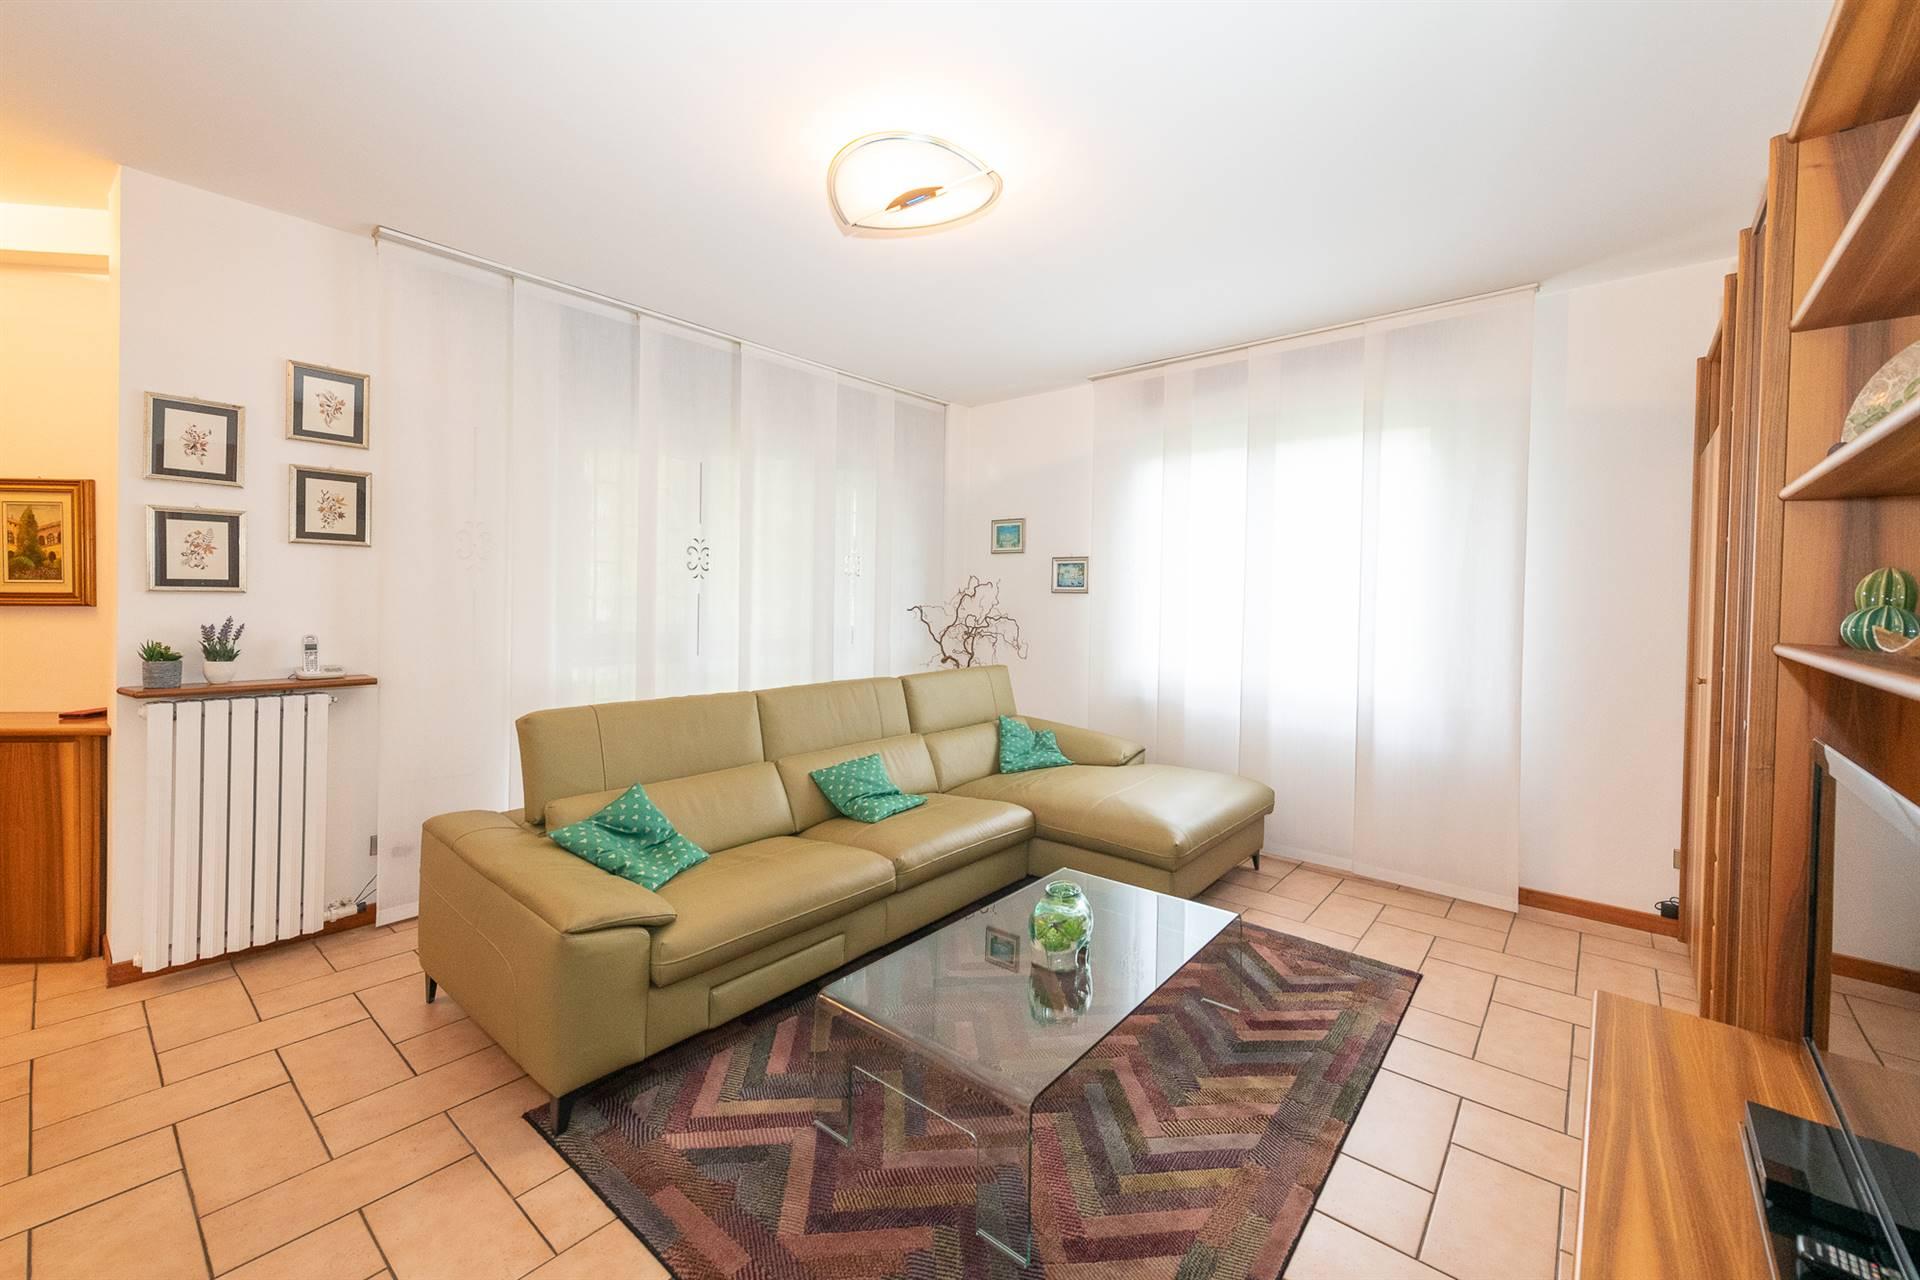 Appartamento in vendita a Melzo, 3 locali, prezzo € 171.000   PortaleAgenzieImmobiliari.it